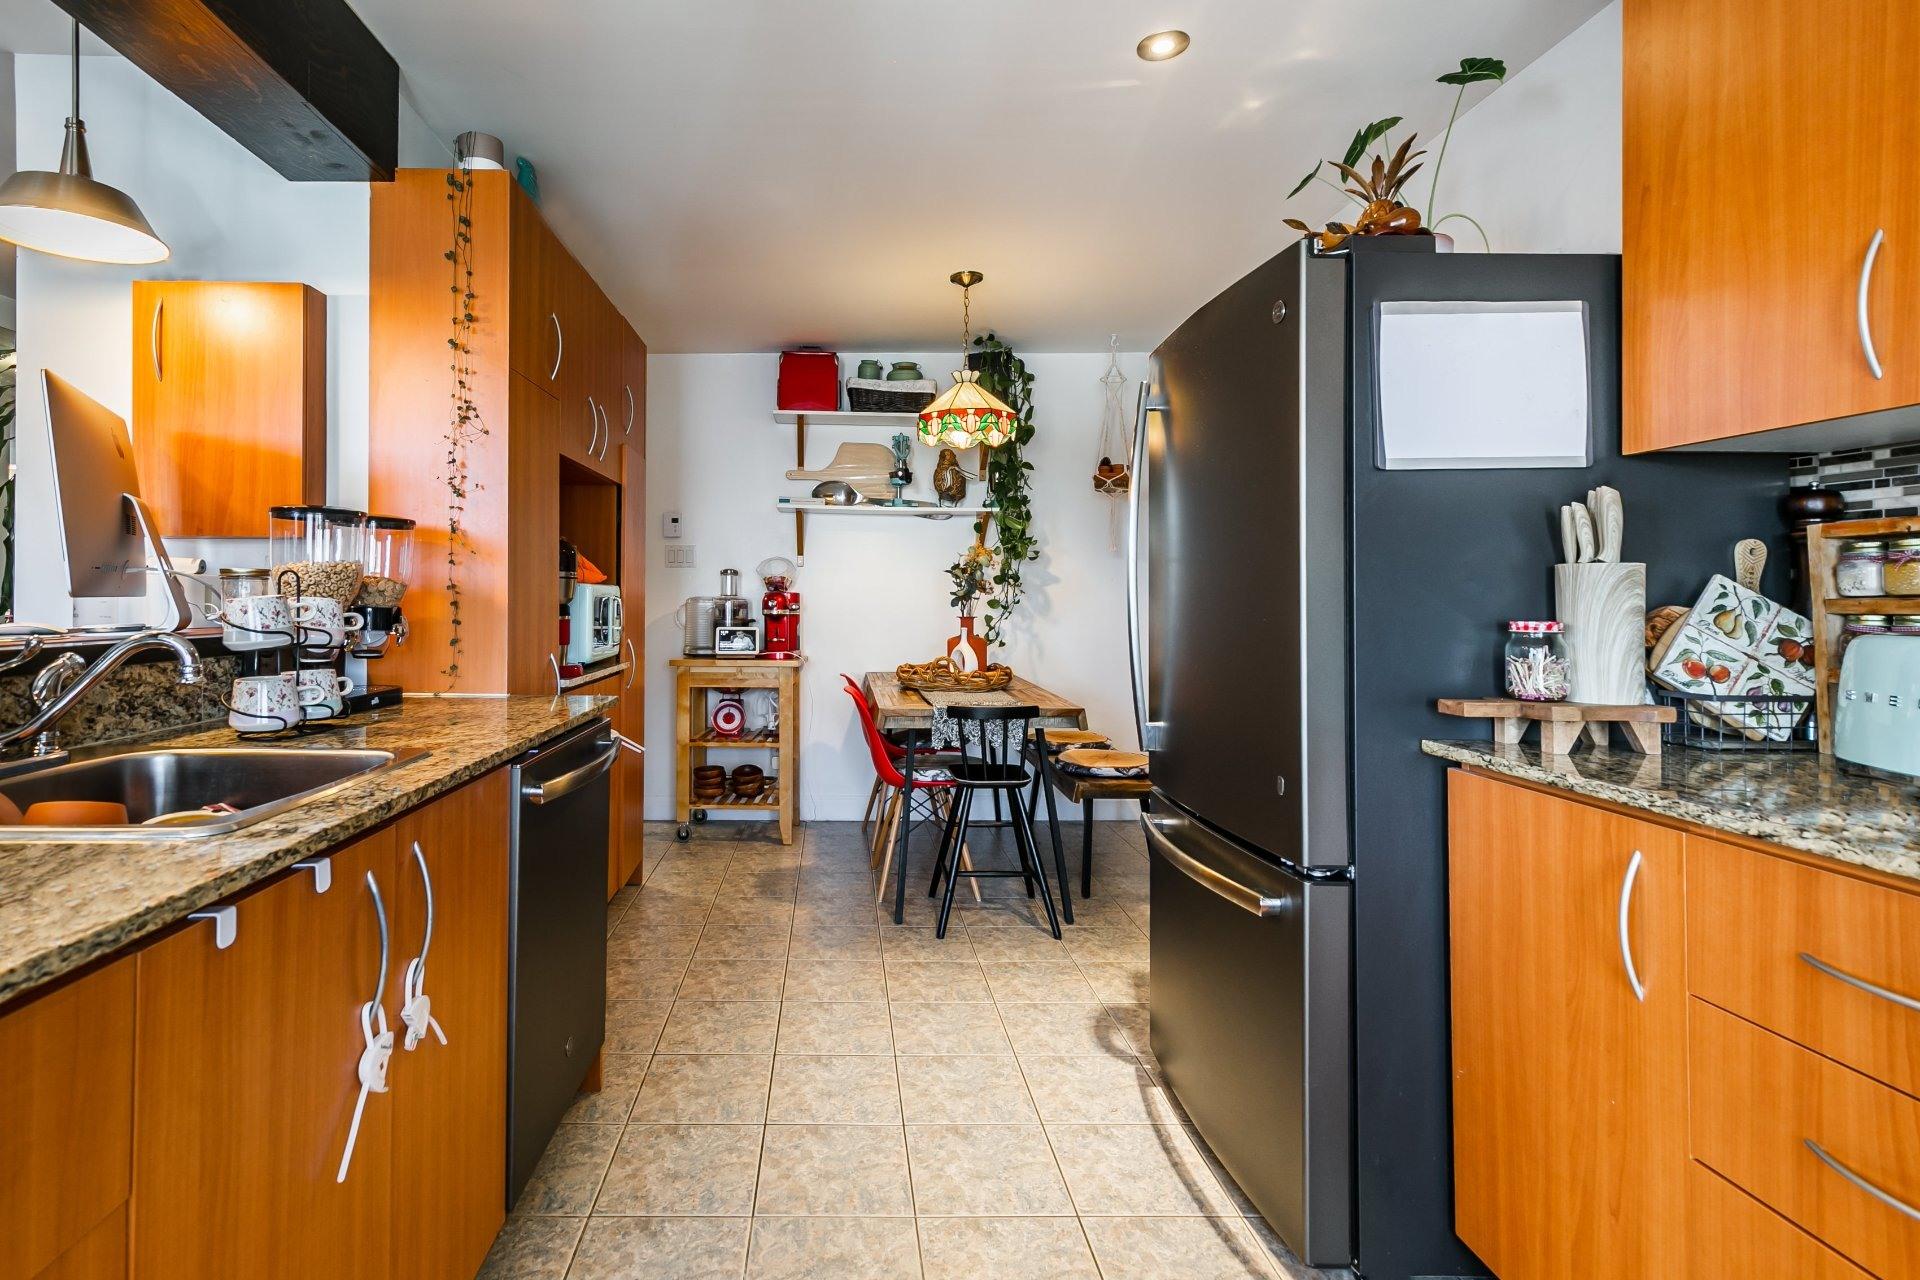 image 9 - Appartement À louer Anjou Montréal  - 5 pièces